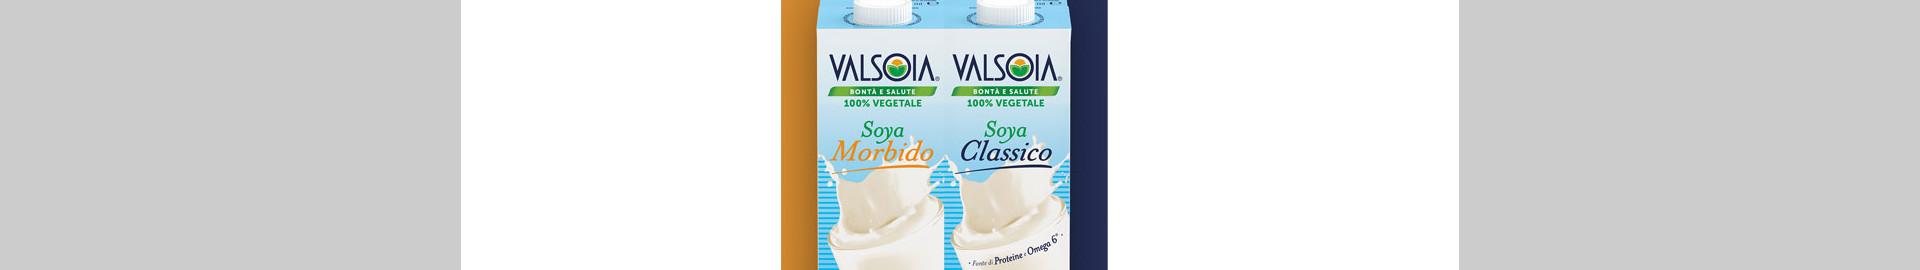 Soya Morbido o Classico: perché scegliere?